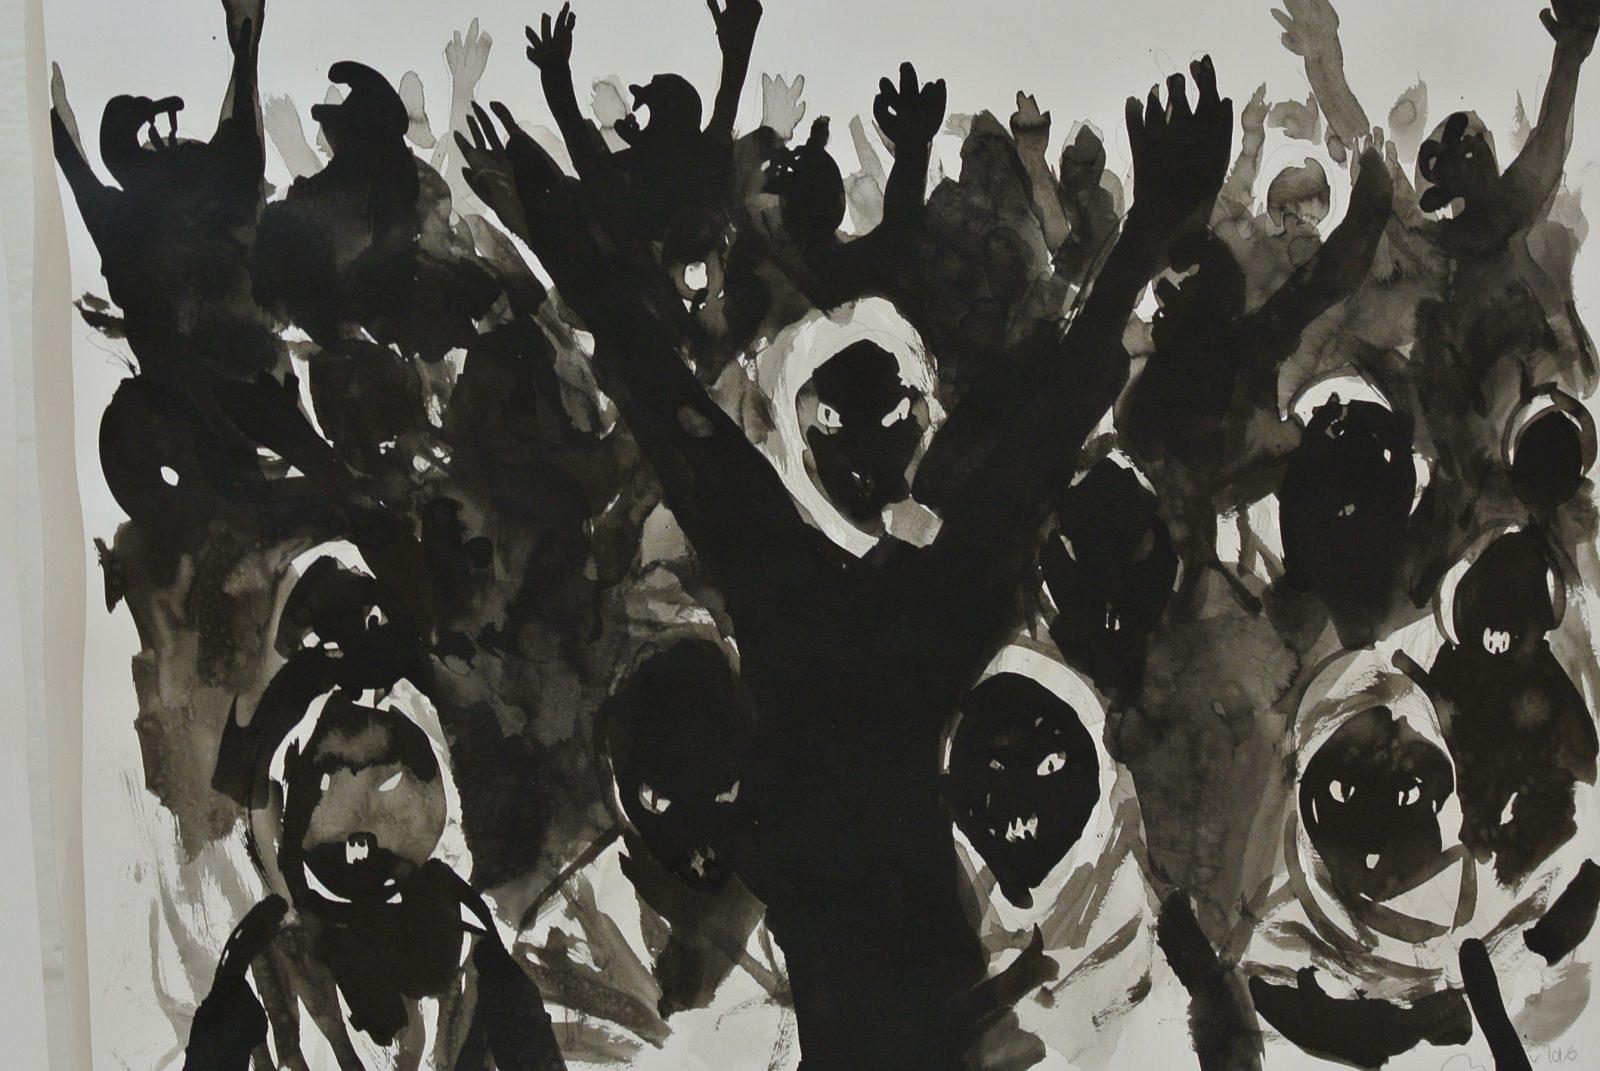 Didier Viodé - Dessin de la série Migrants. Encre de chine sur papier. Copyright photo : Claire Nini